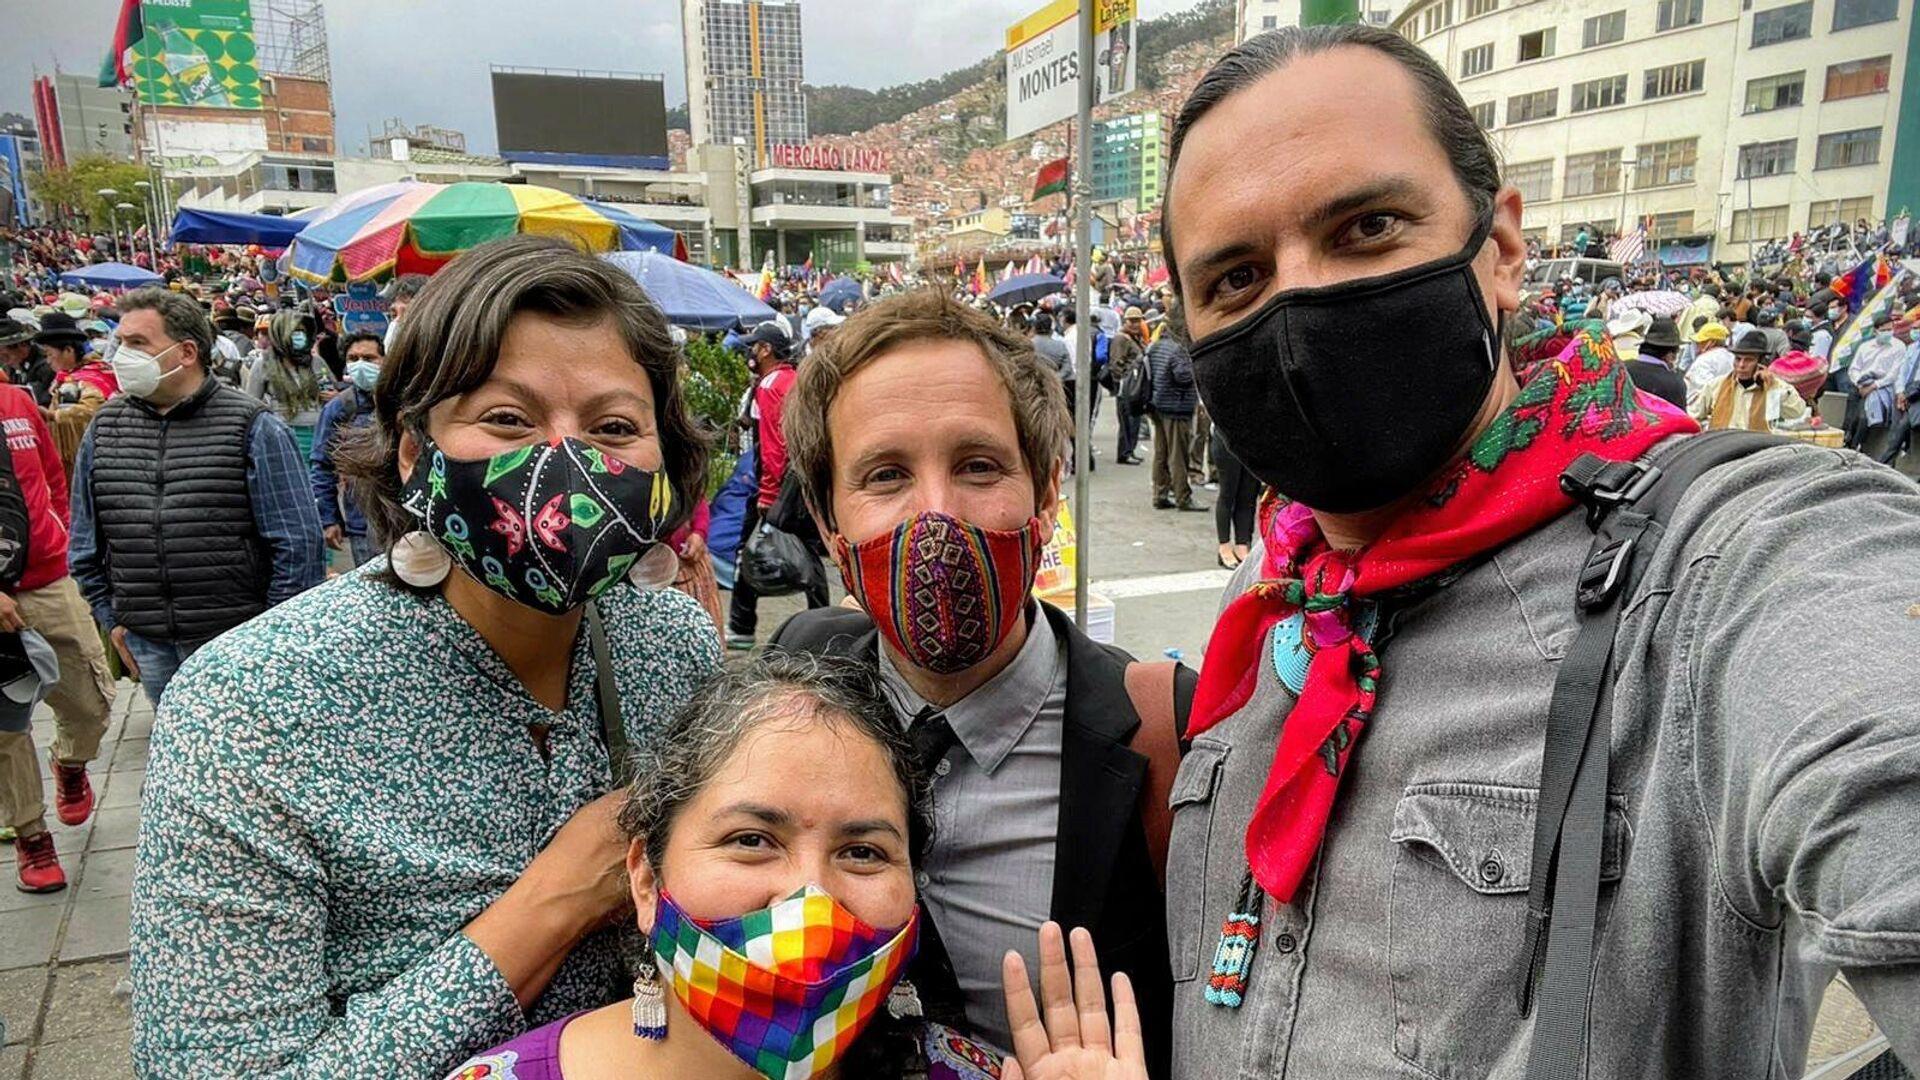 Thomas Becker (centro) en una marcha durante el Día de la Descolonización en Bolivia - Sputnik Mundo, 1920, 14.10.2021